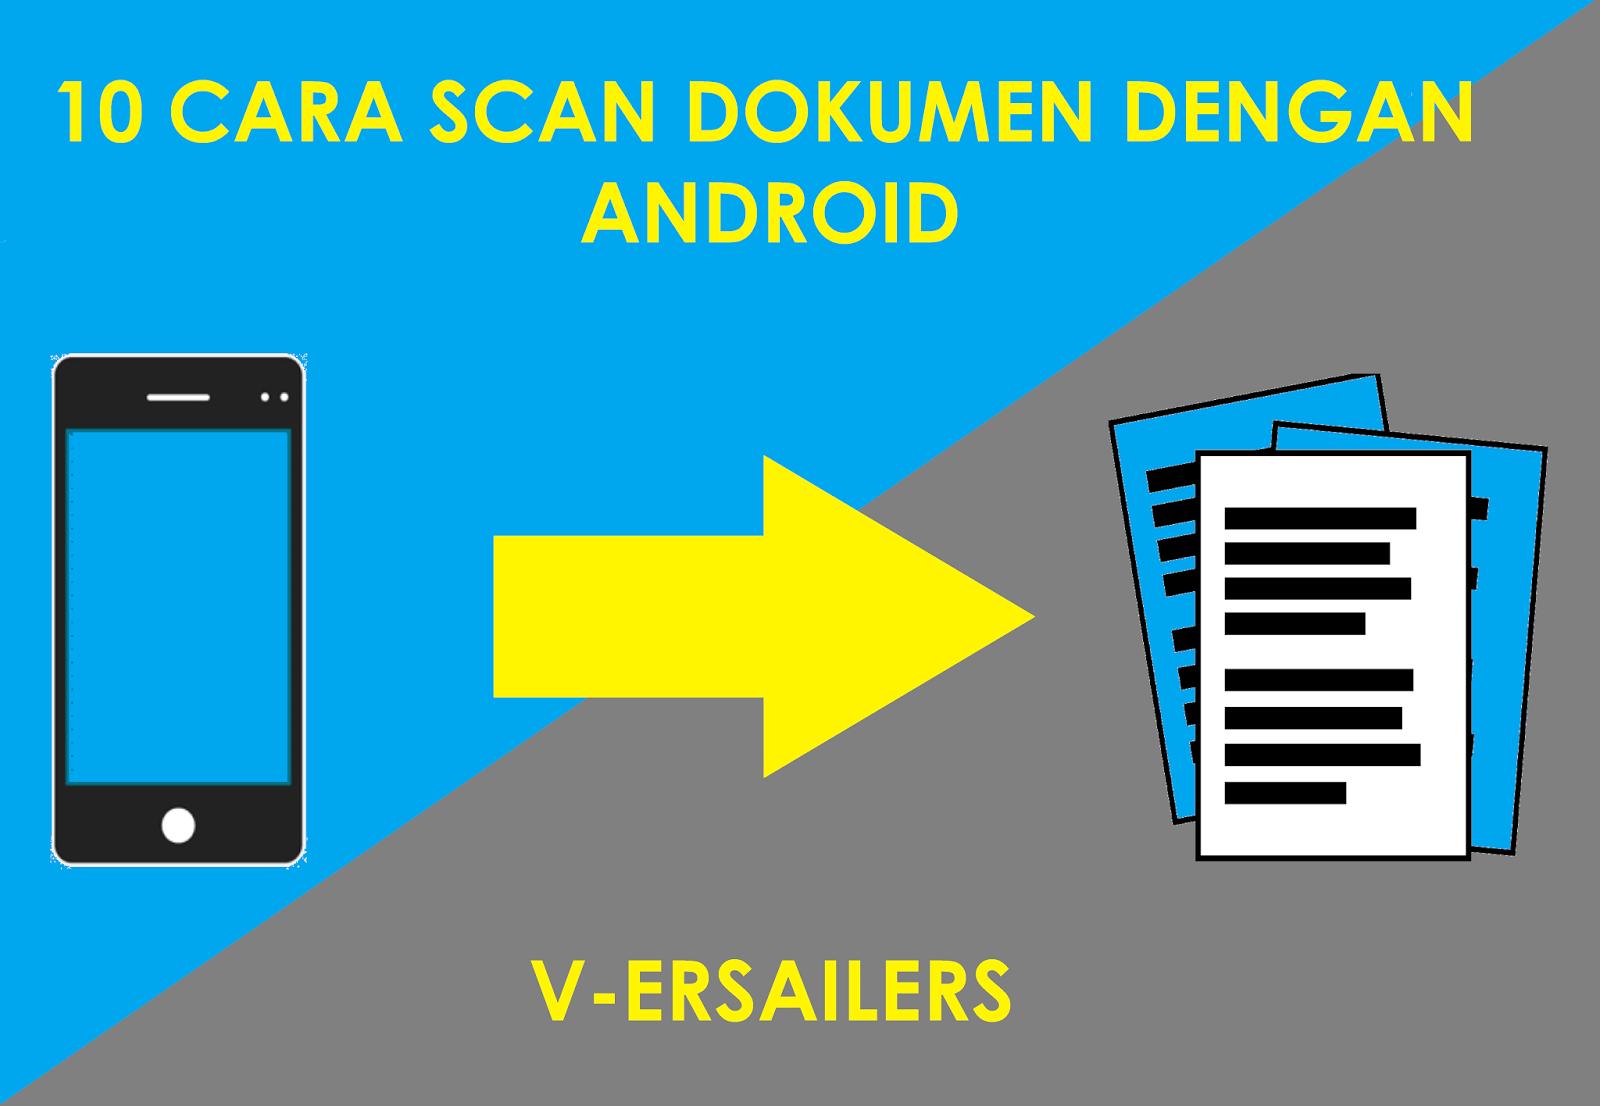 3 Cara Membuat Aplikasi Android dengan Mudah